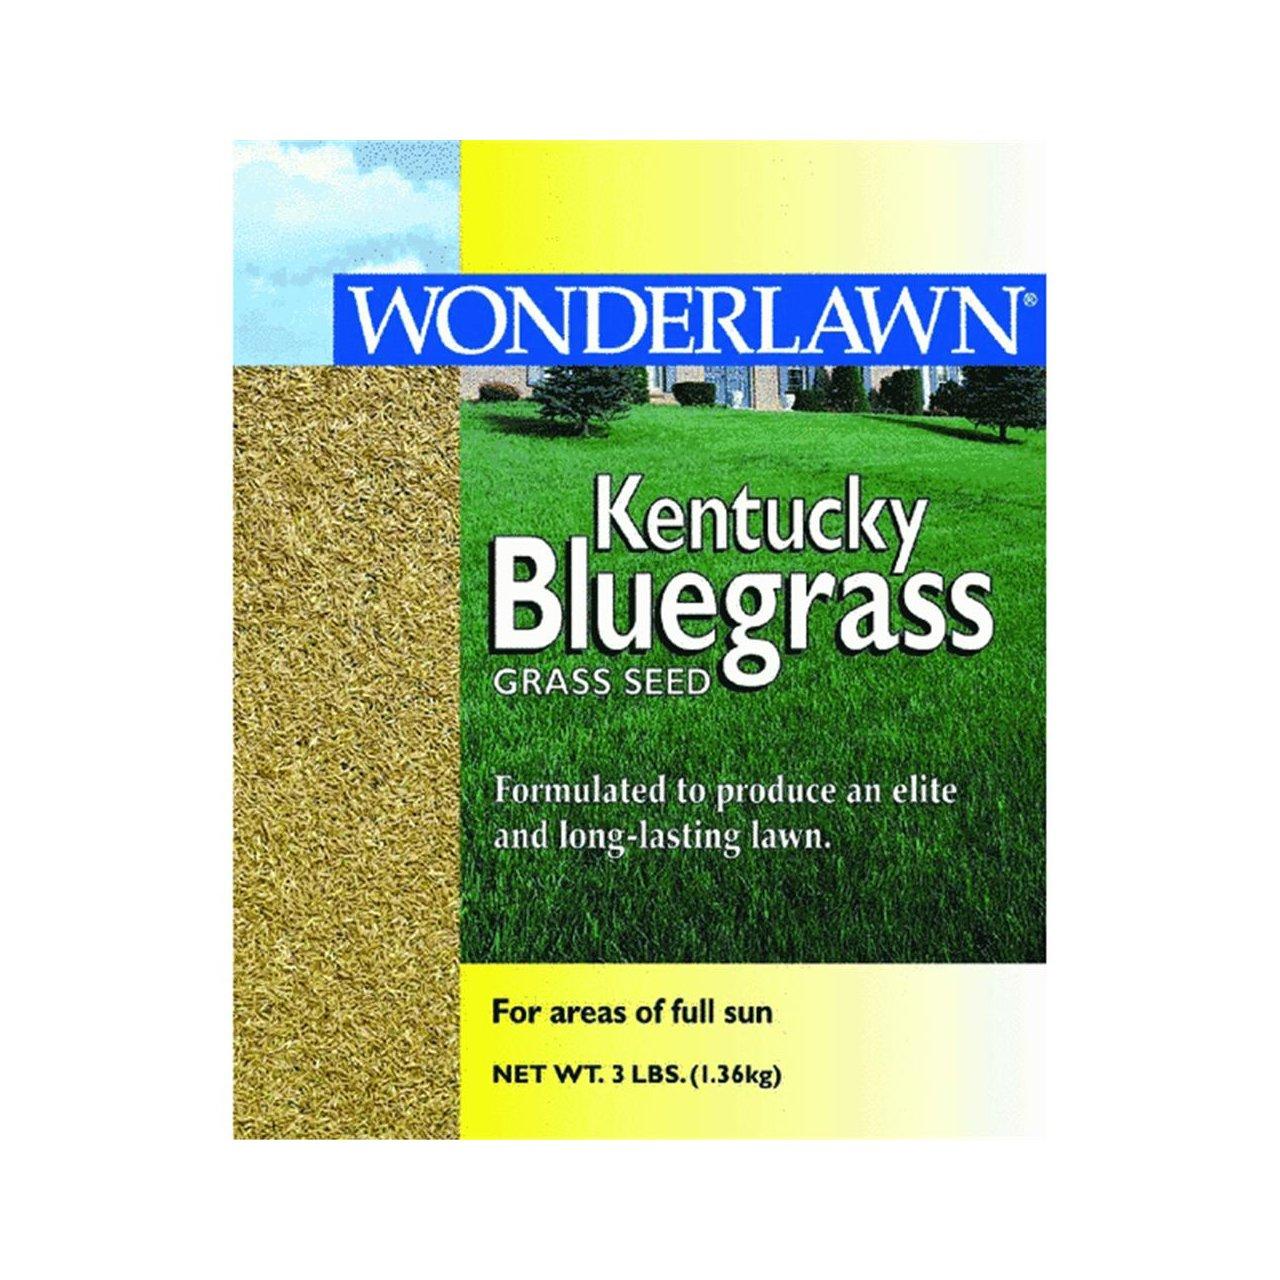 Barenbrug USA 50201 Kentucky Bluegrass Grass Seed